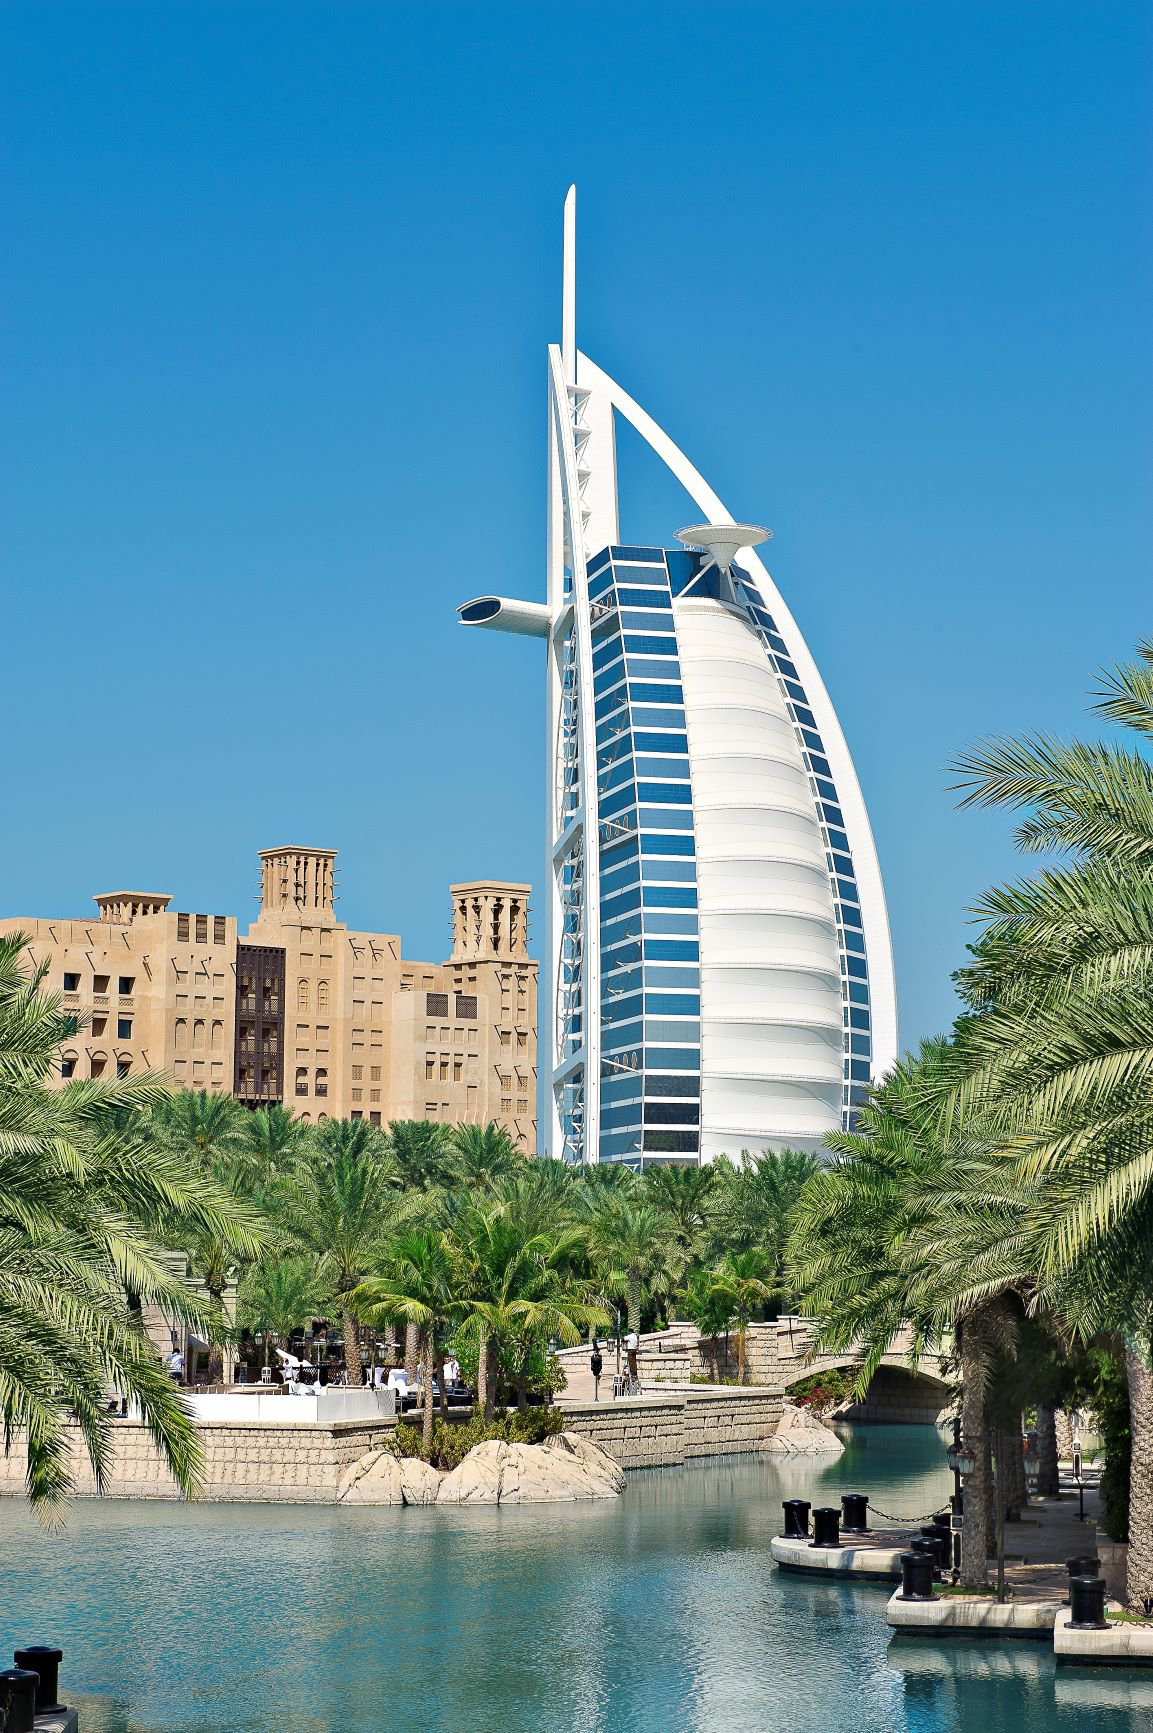 destination-dubai-burj-al-arab.jpg